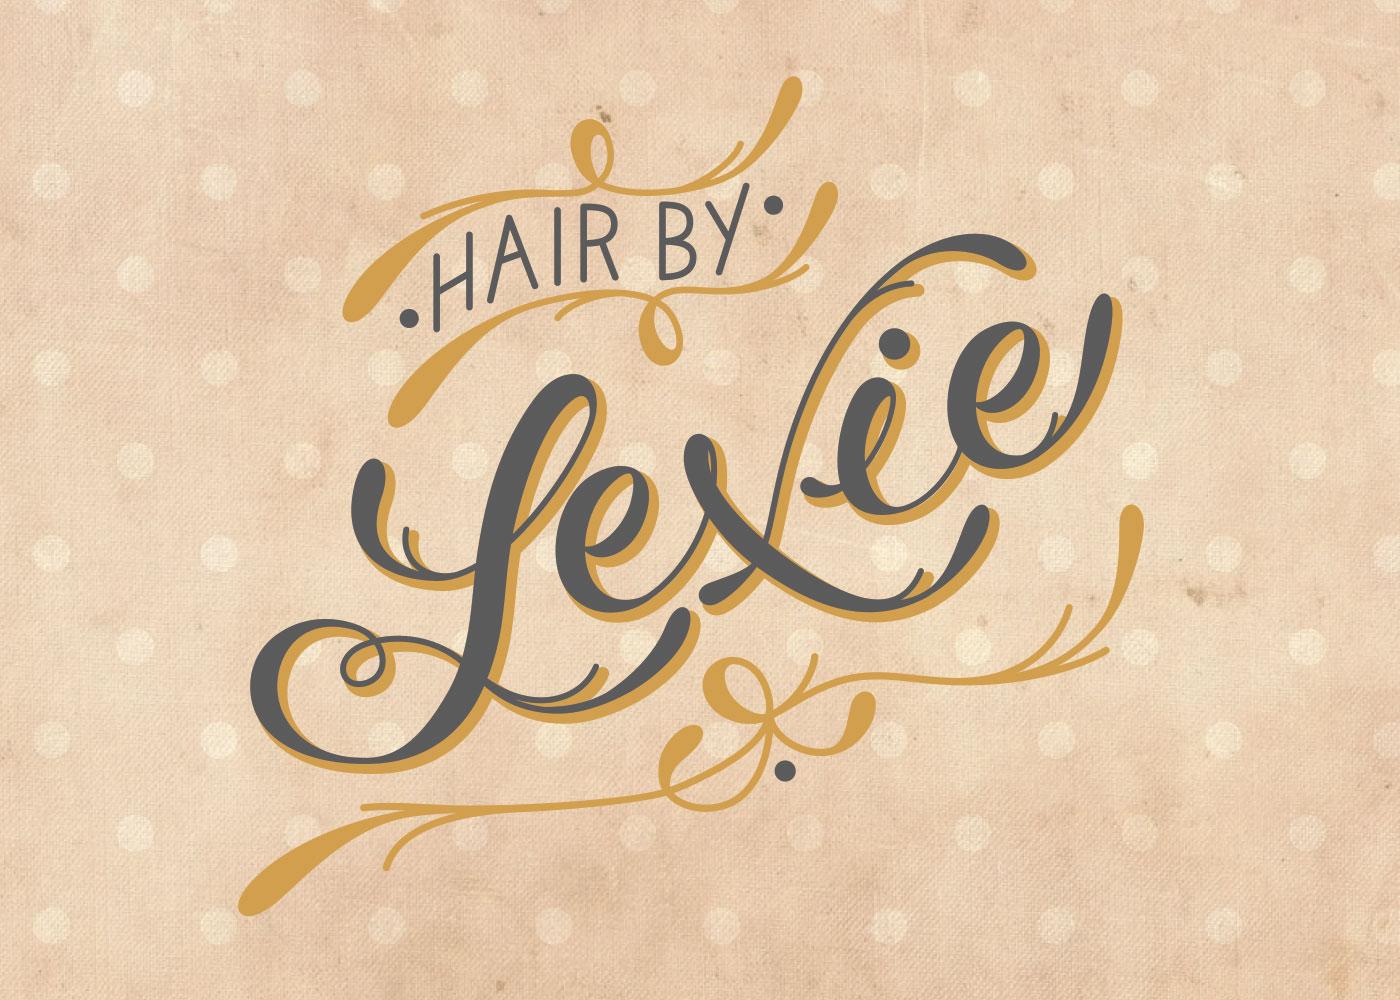 hair by lexie hair salon branding